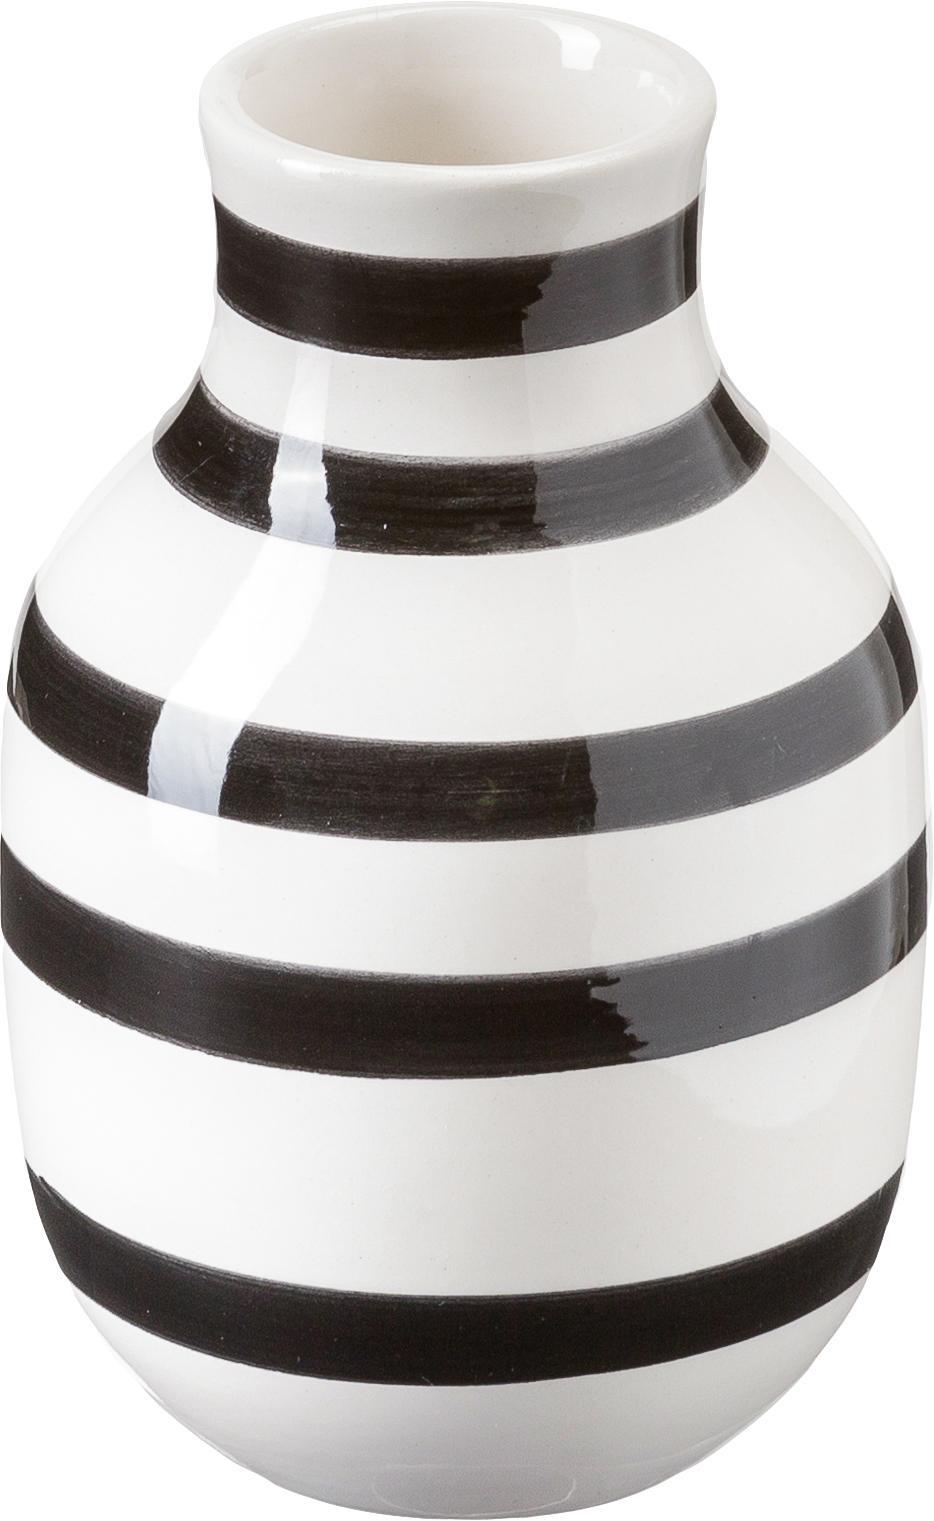 Jarrón artesanal de diseño Omaggio, grande, Cerámica, Negro, blanco, Ø 8 x Al 13 cm